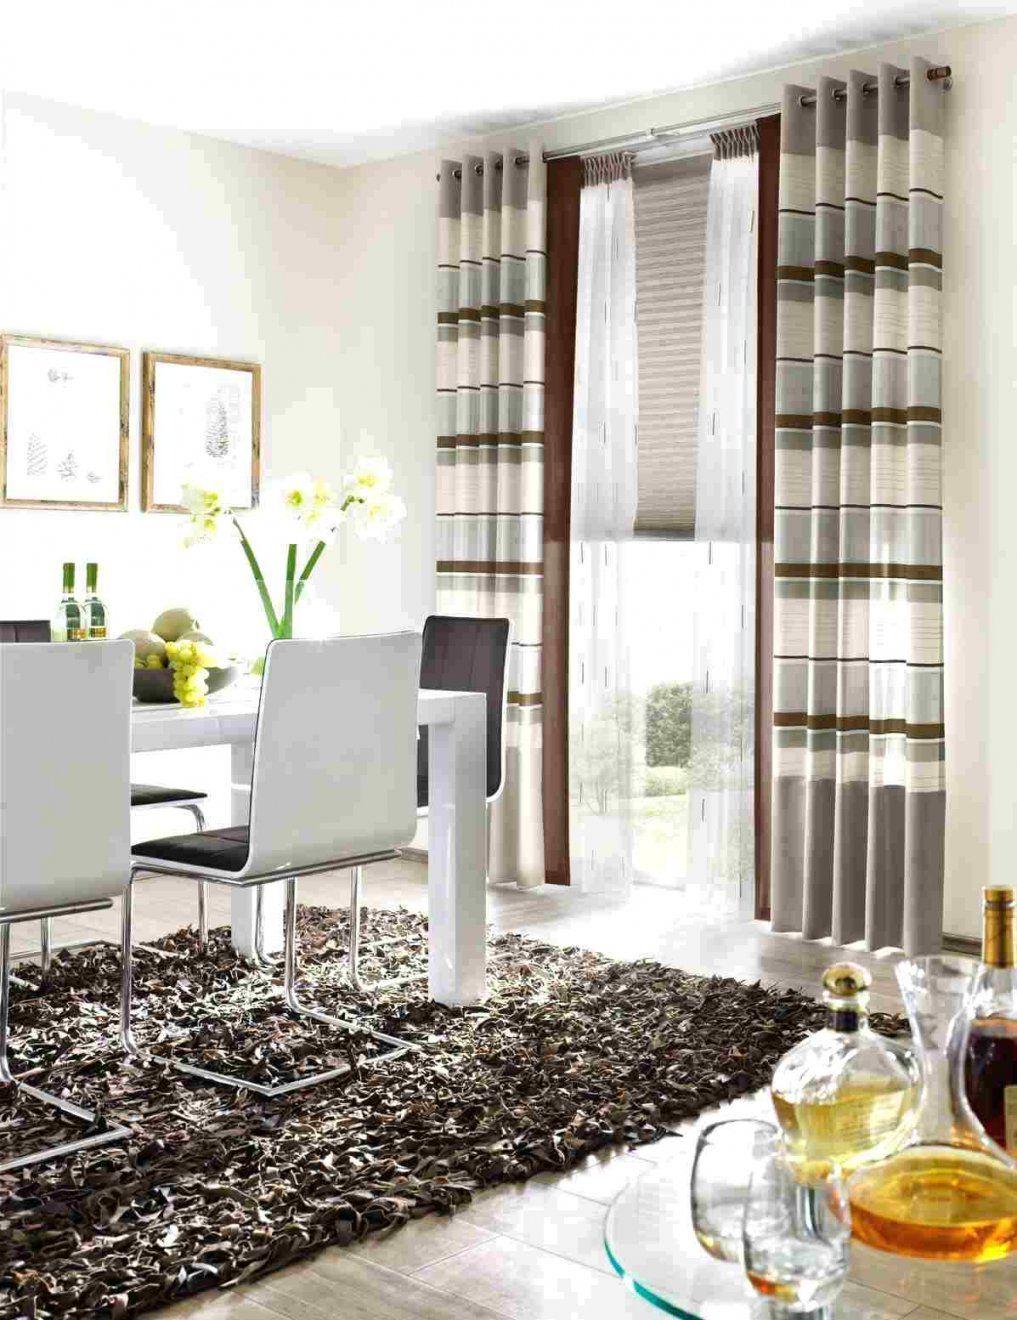 Unland Gardinen Beispieldekorationen Asenschal Outlet Gardinenwerke von Unland Gardinen Muster Bild